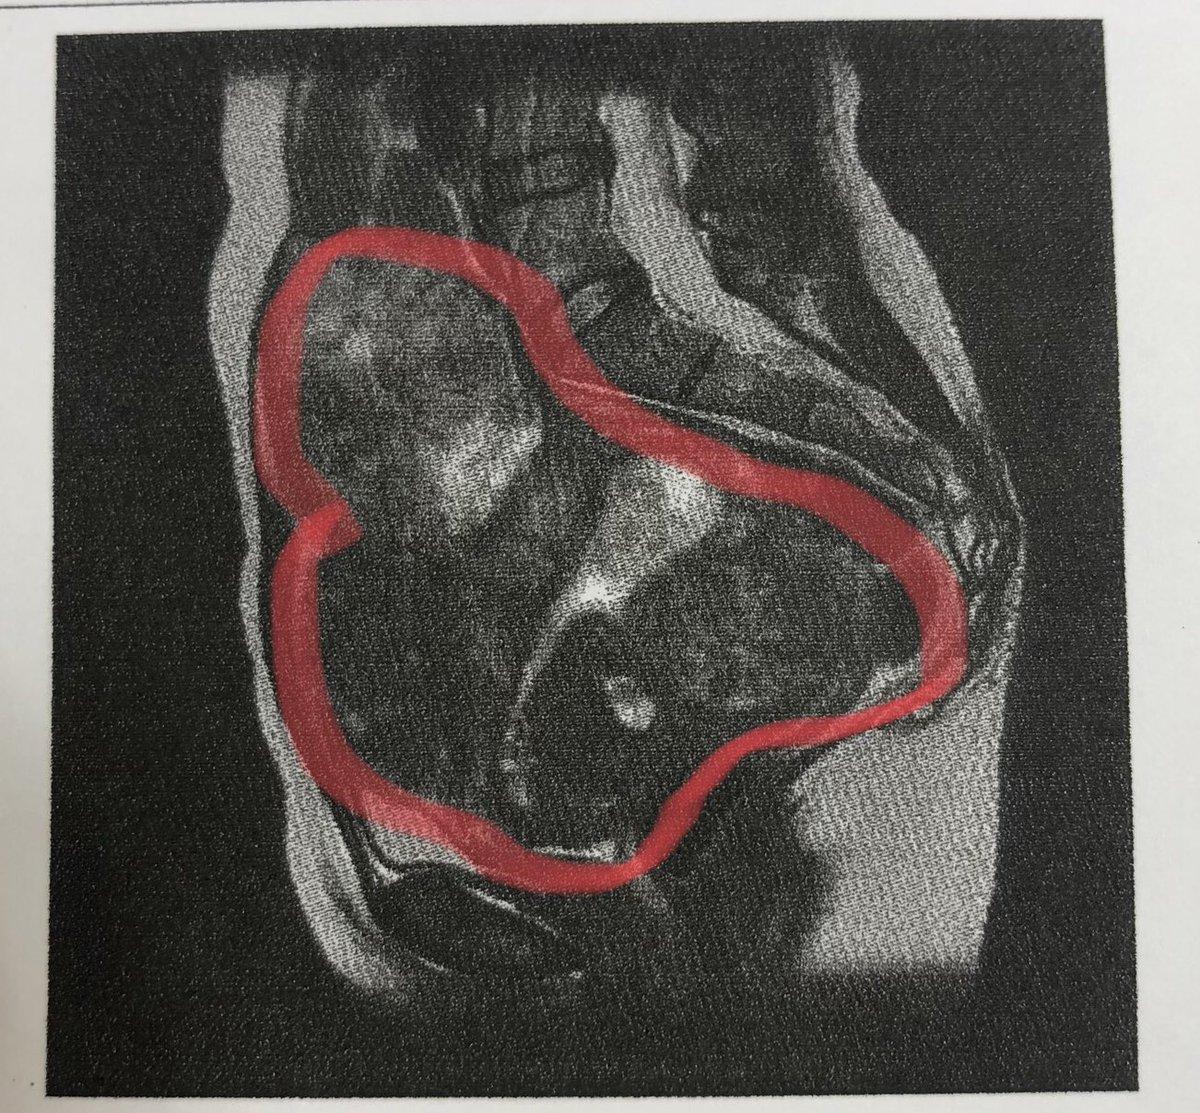 子宮 多発 筋腫 性